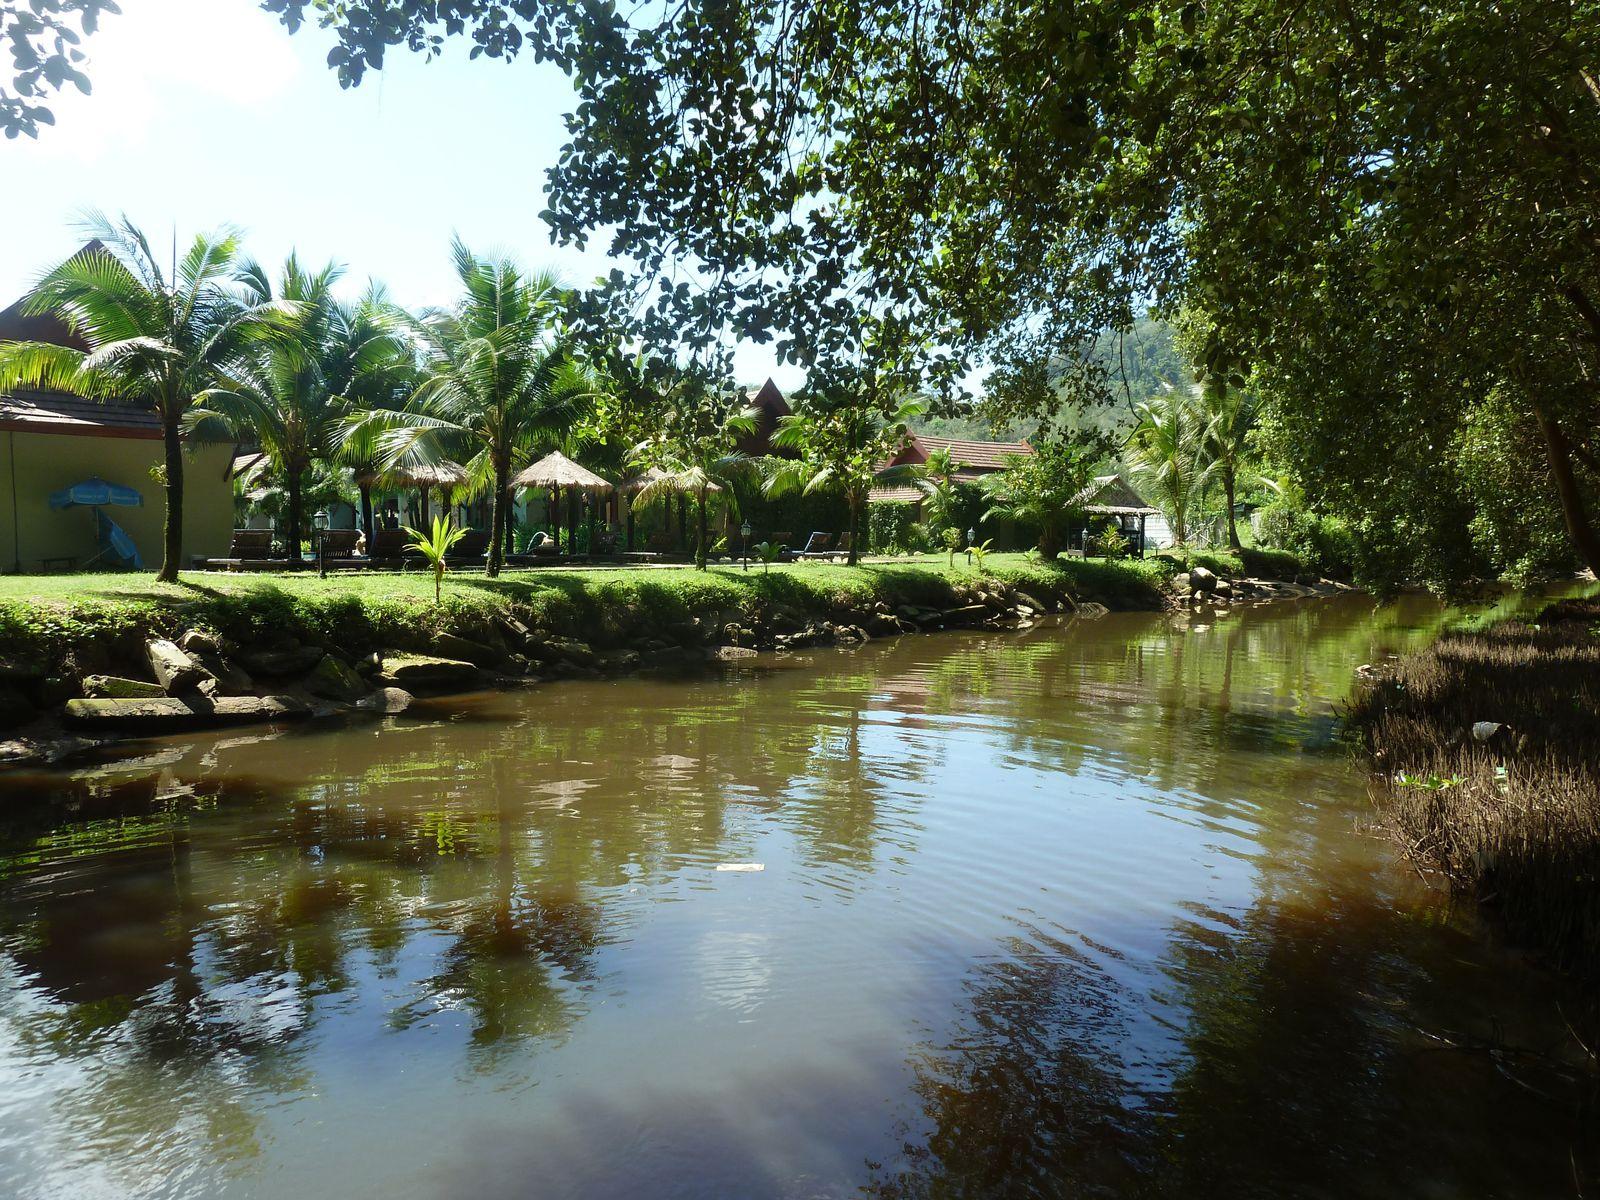 Crédit photgraphique Pḧilippe POISSON - Hat Nai Thong - Ici est atteint l''équilibre idéal entre le caractère rudimentaire du parc Sirinath et les aménagements trops extensifs des plages méridionales de Ko Phuket ...